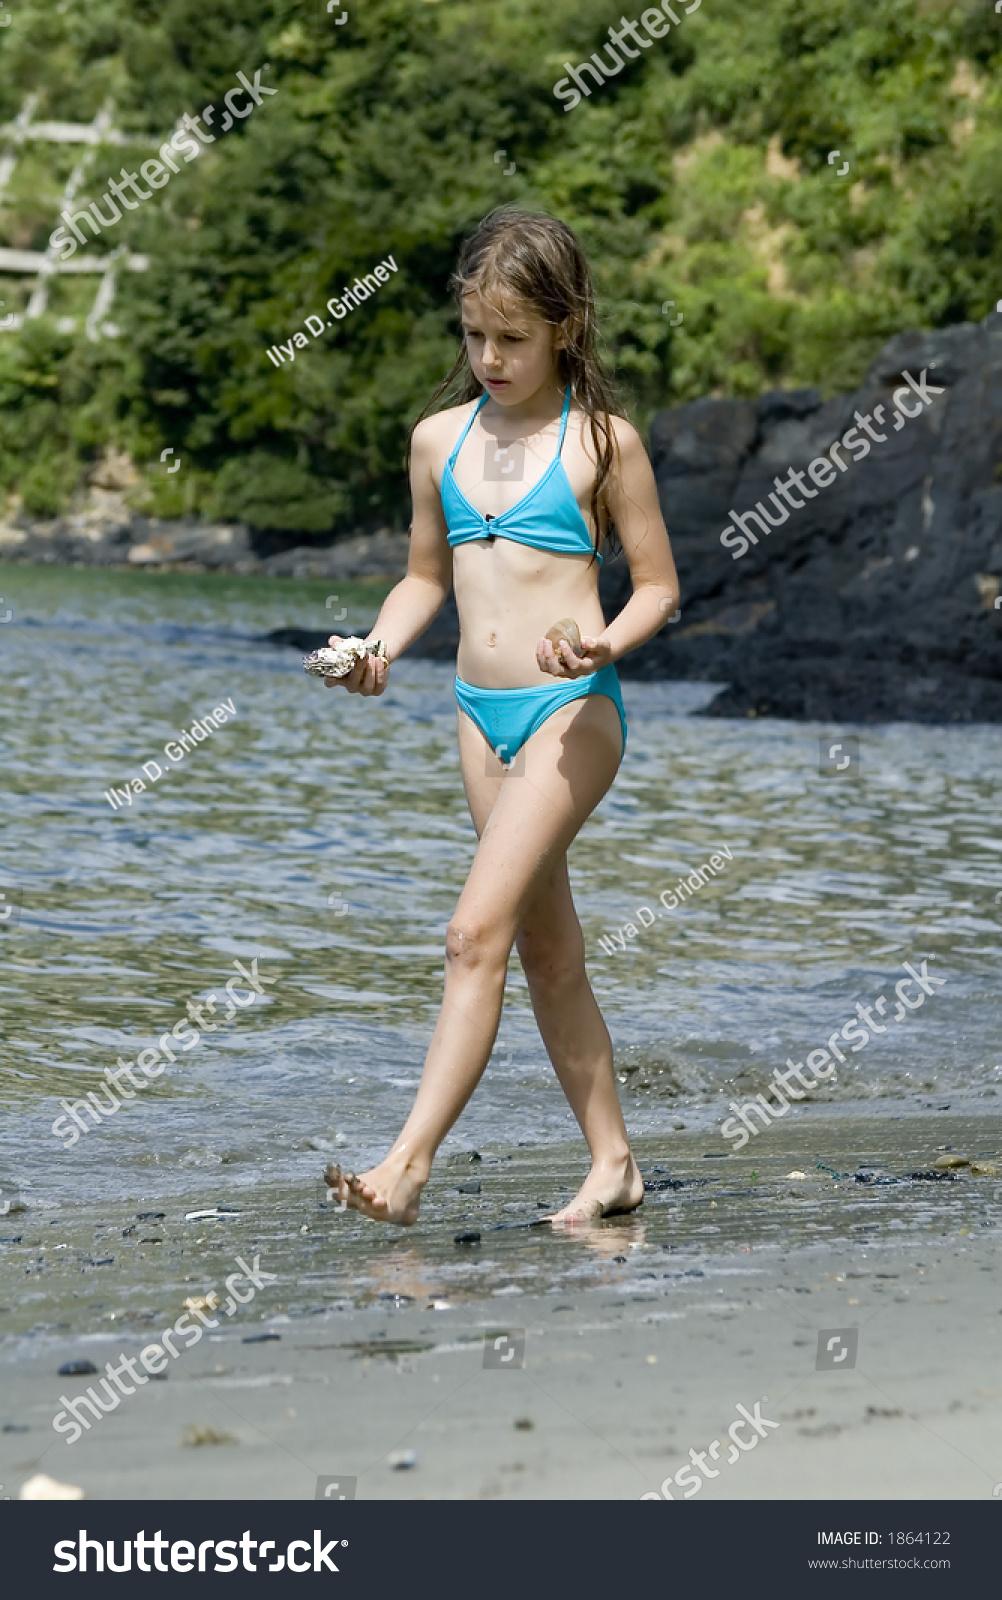 Looking For Teen Bikini 83